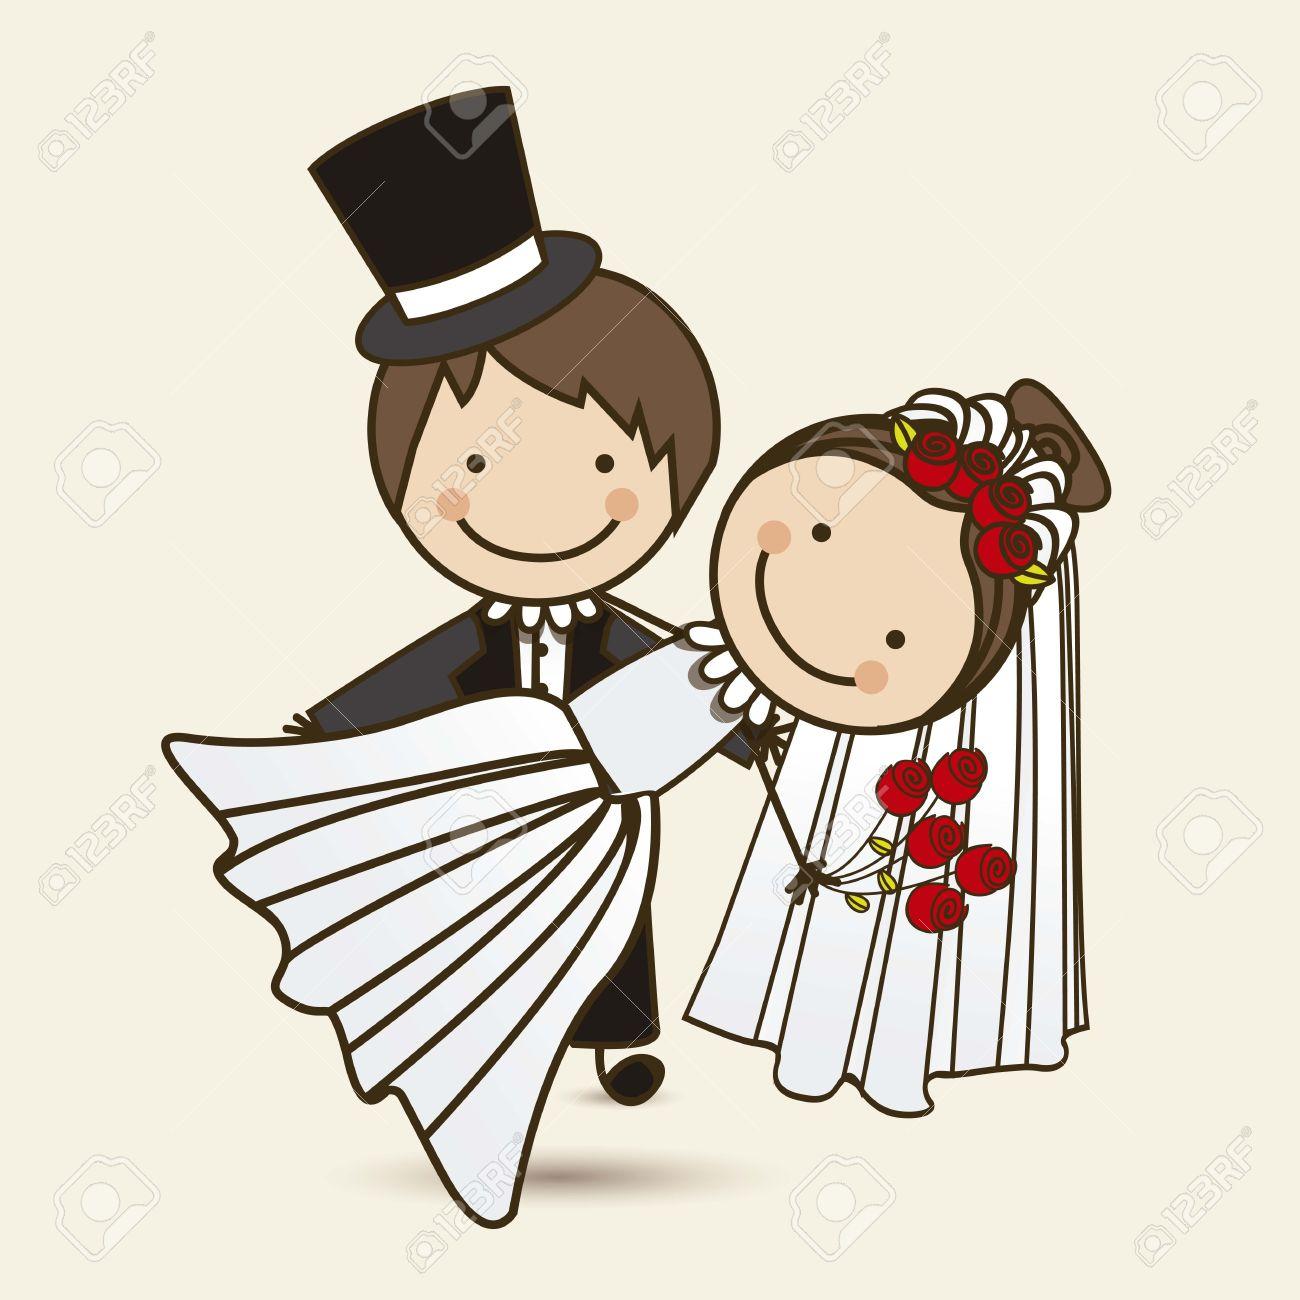 図のベクトル イラストのウェディング ドレスの結婚式のカップル